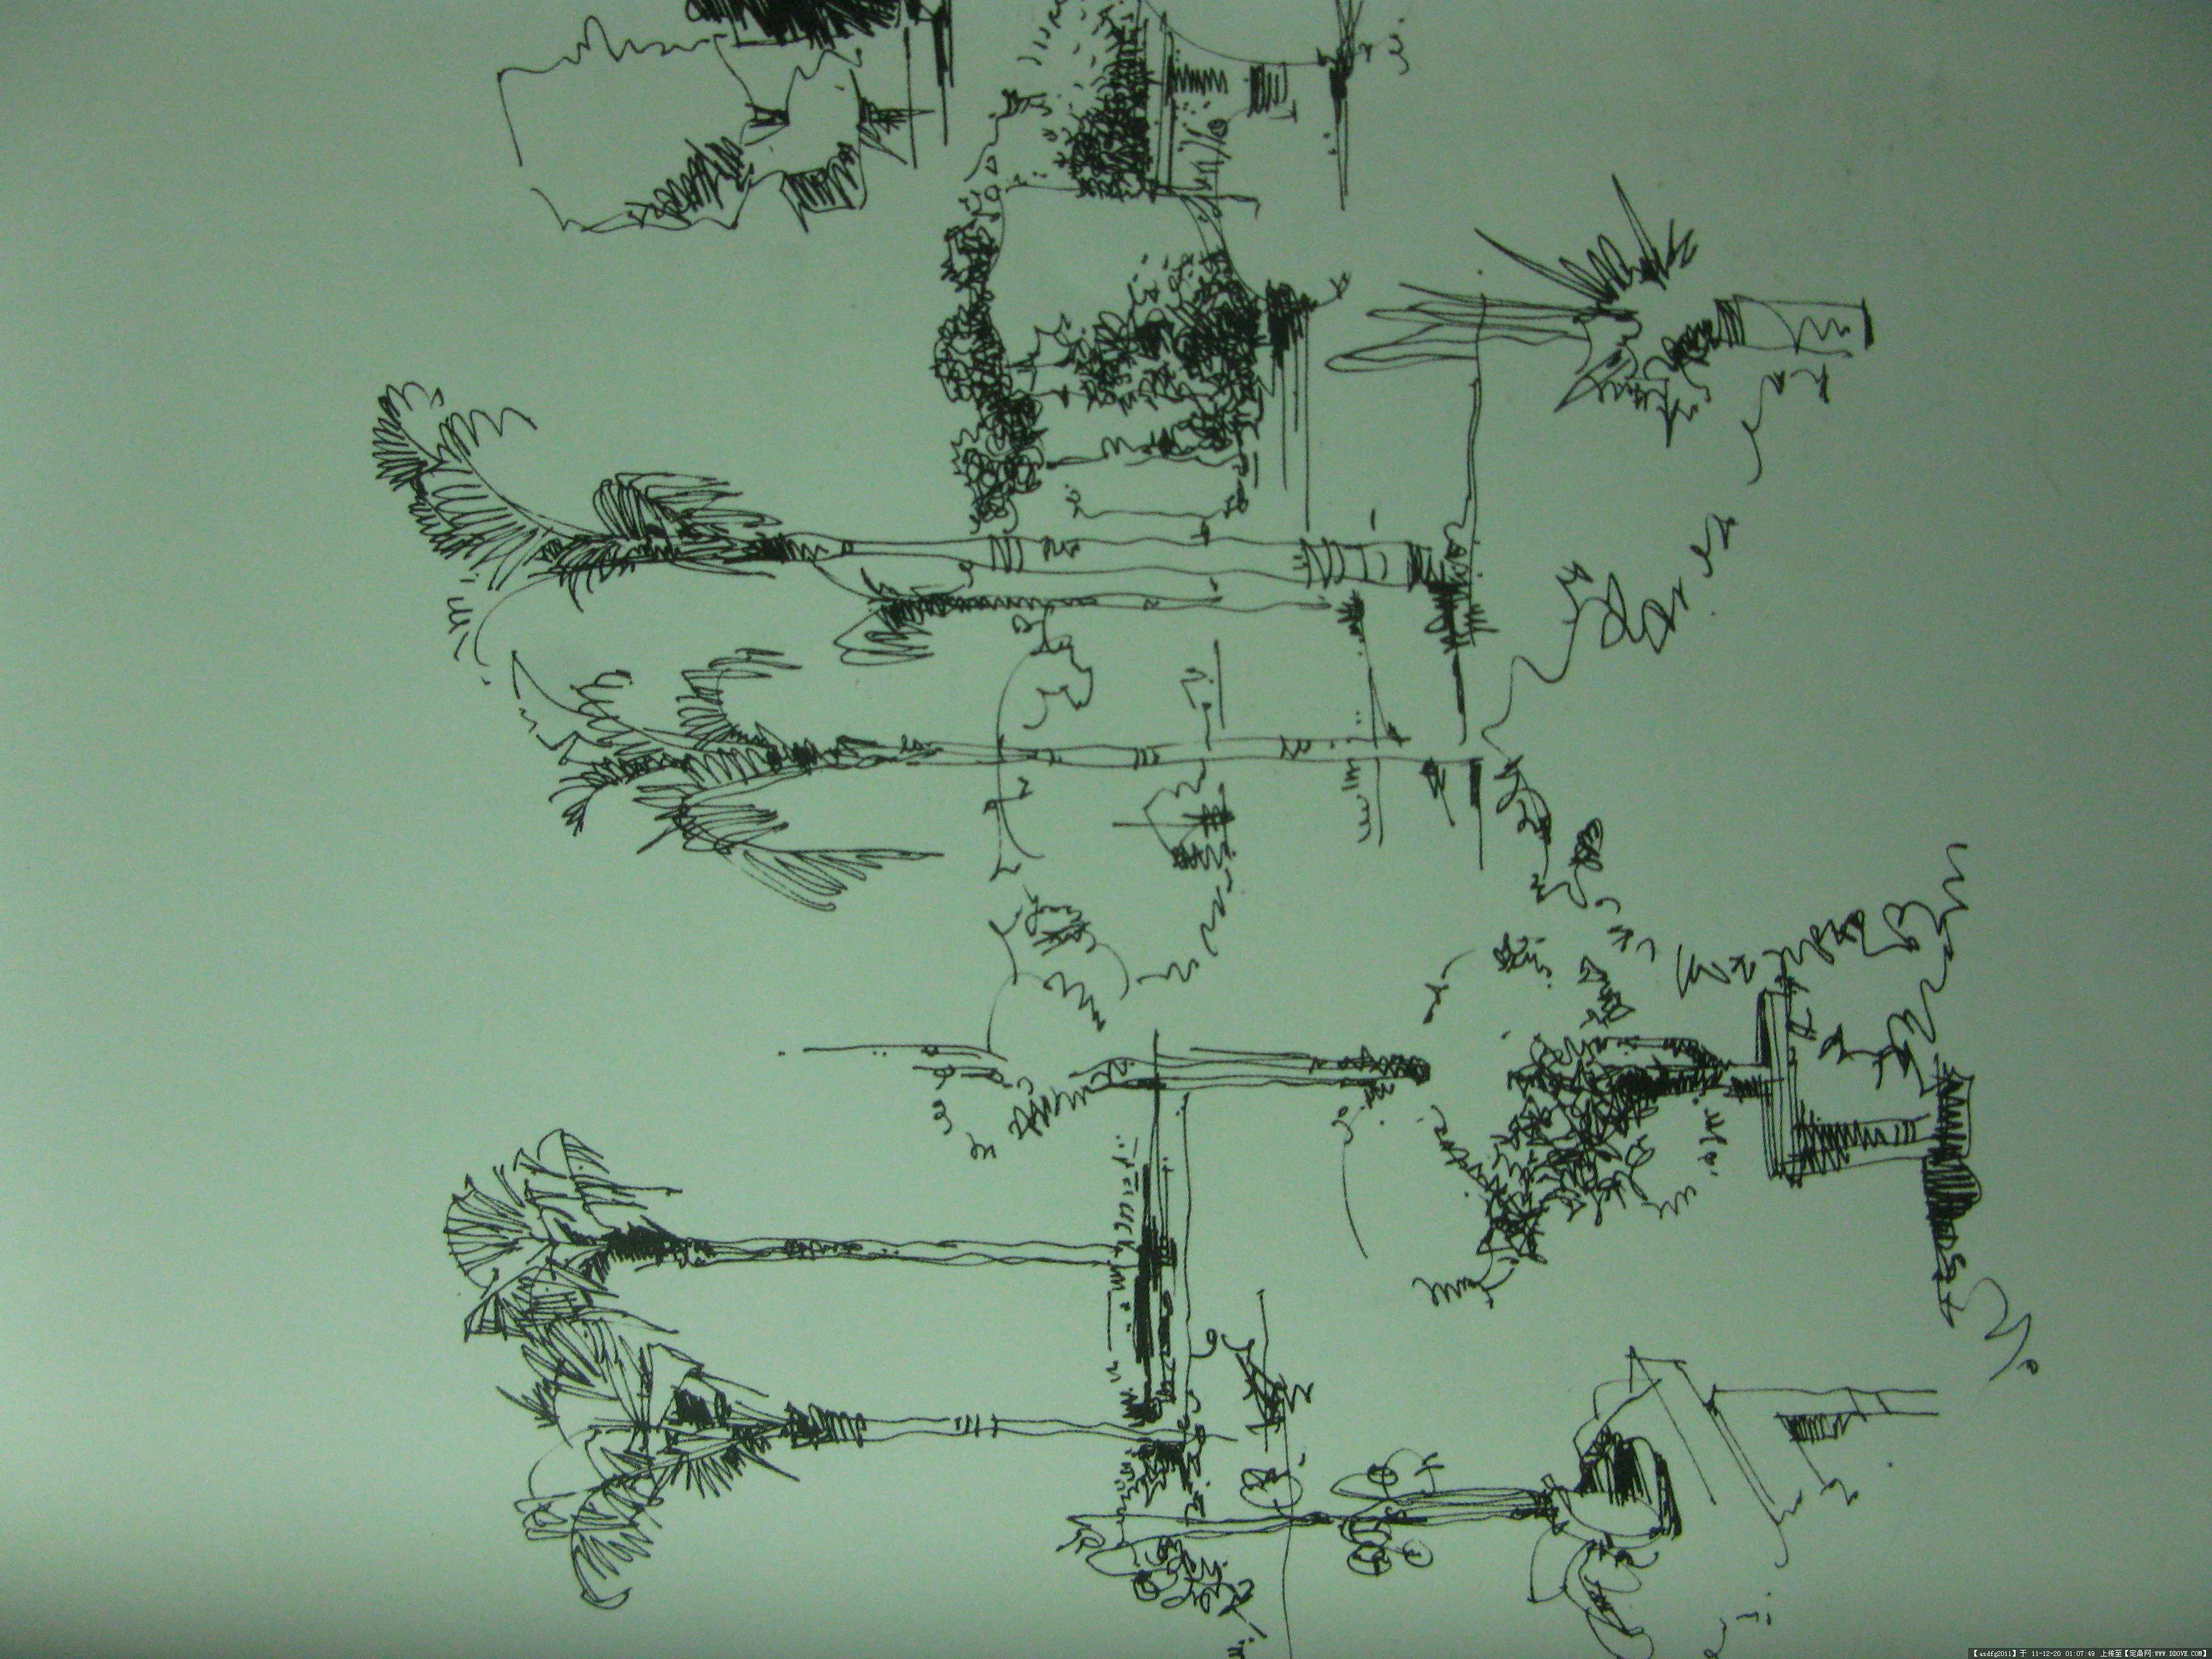 室内家具手绘线稿图集-img_5611.jpg 原始尺寸:3648 * 2736